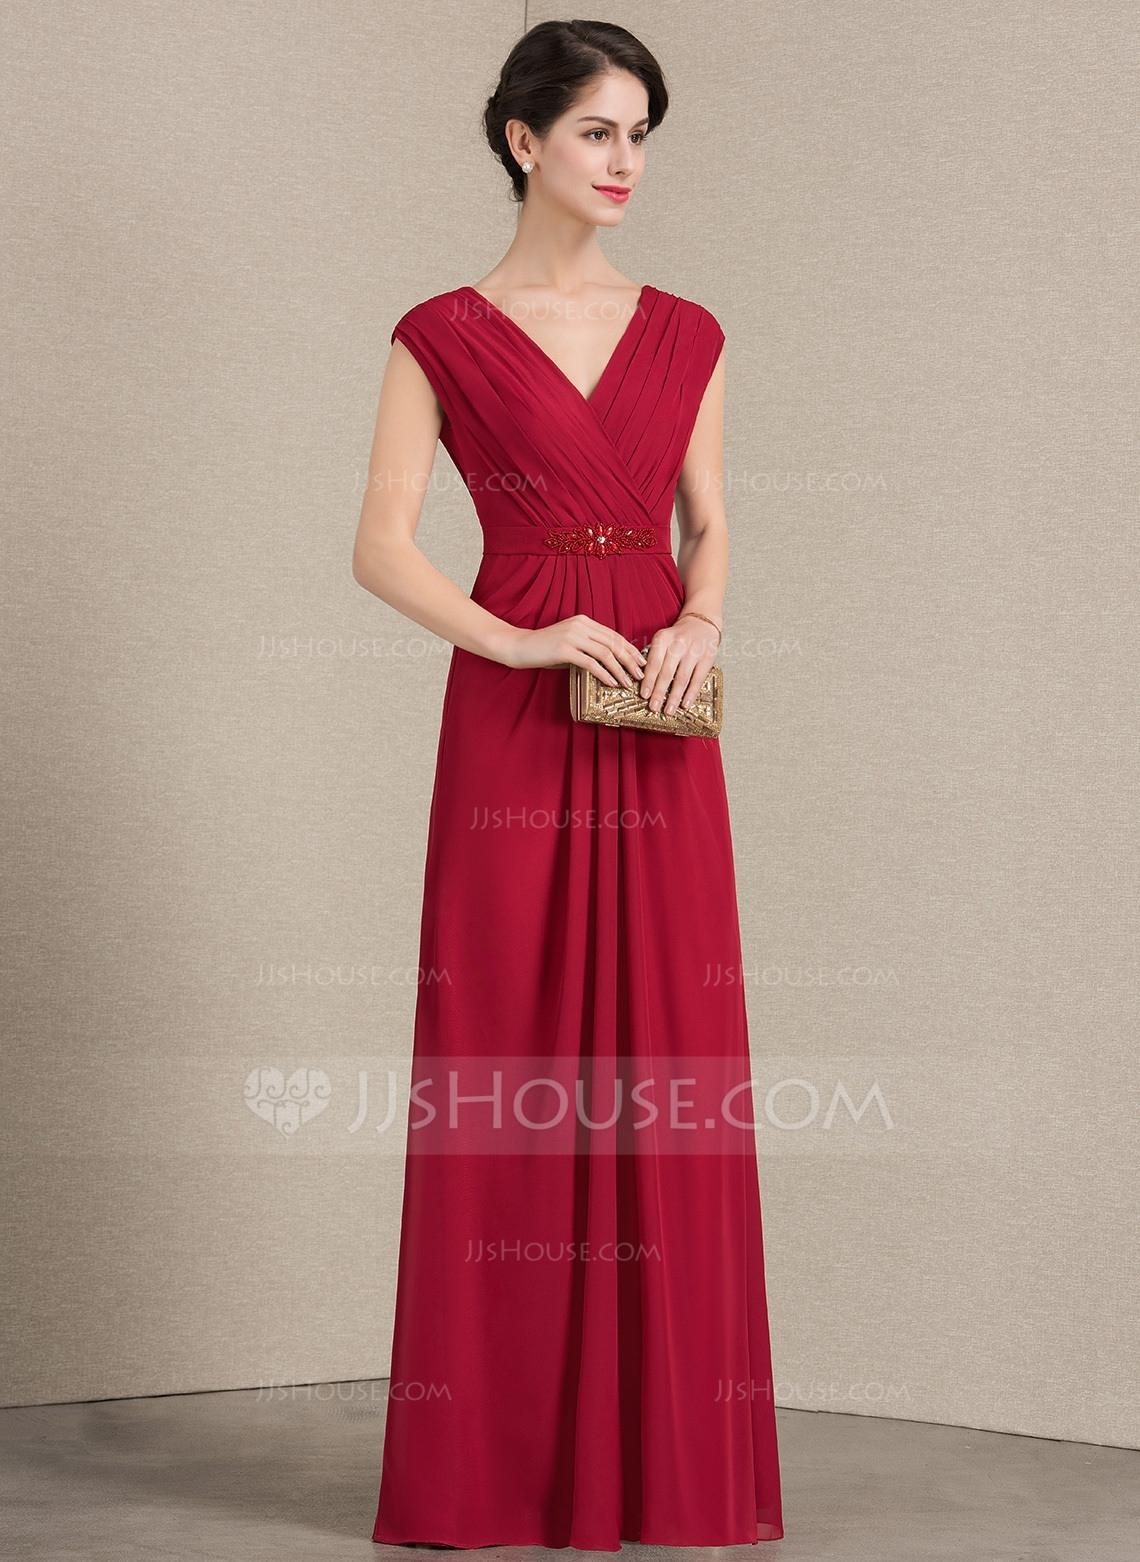 10 Perfekt Kleider Für Die Brautmutter Ab 50 Bester Preis10 Top Kleider Für Die Brautmutter Ab 50 Spezialgebiet